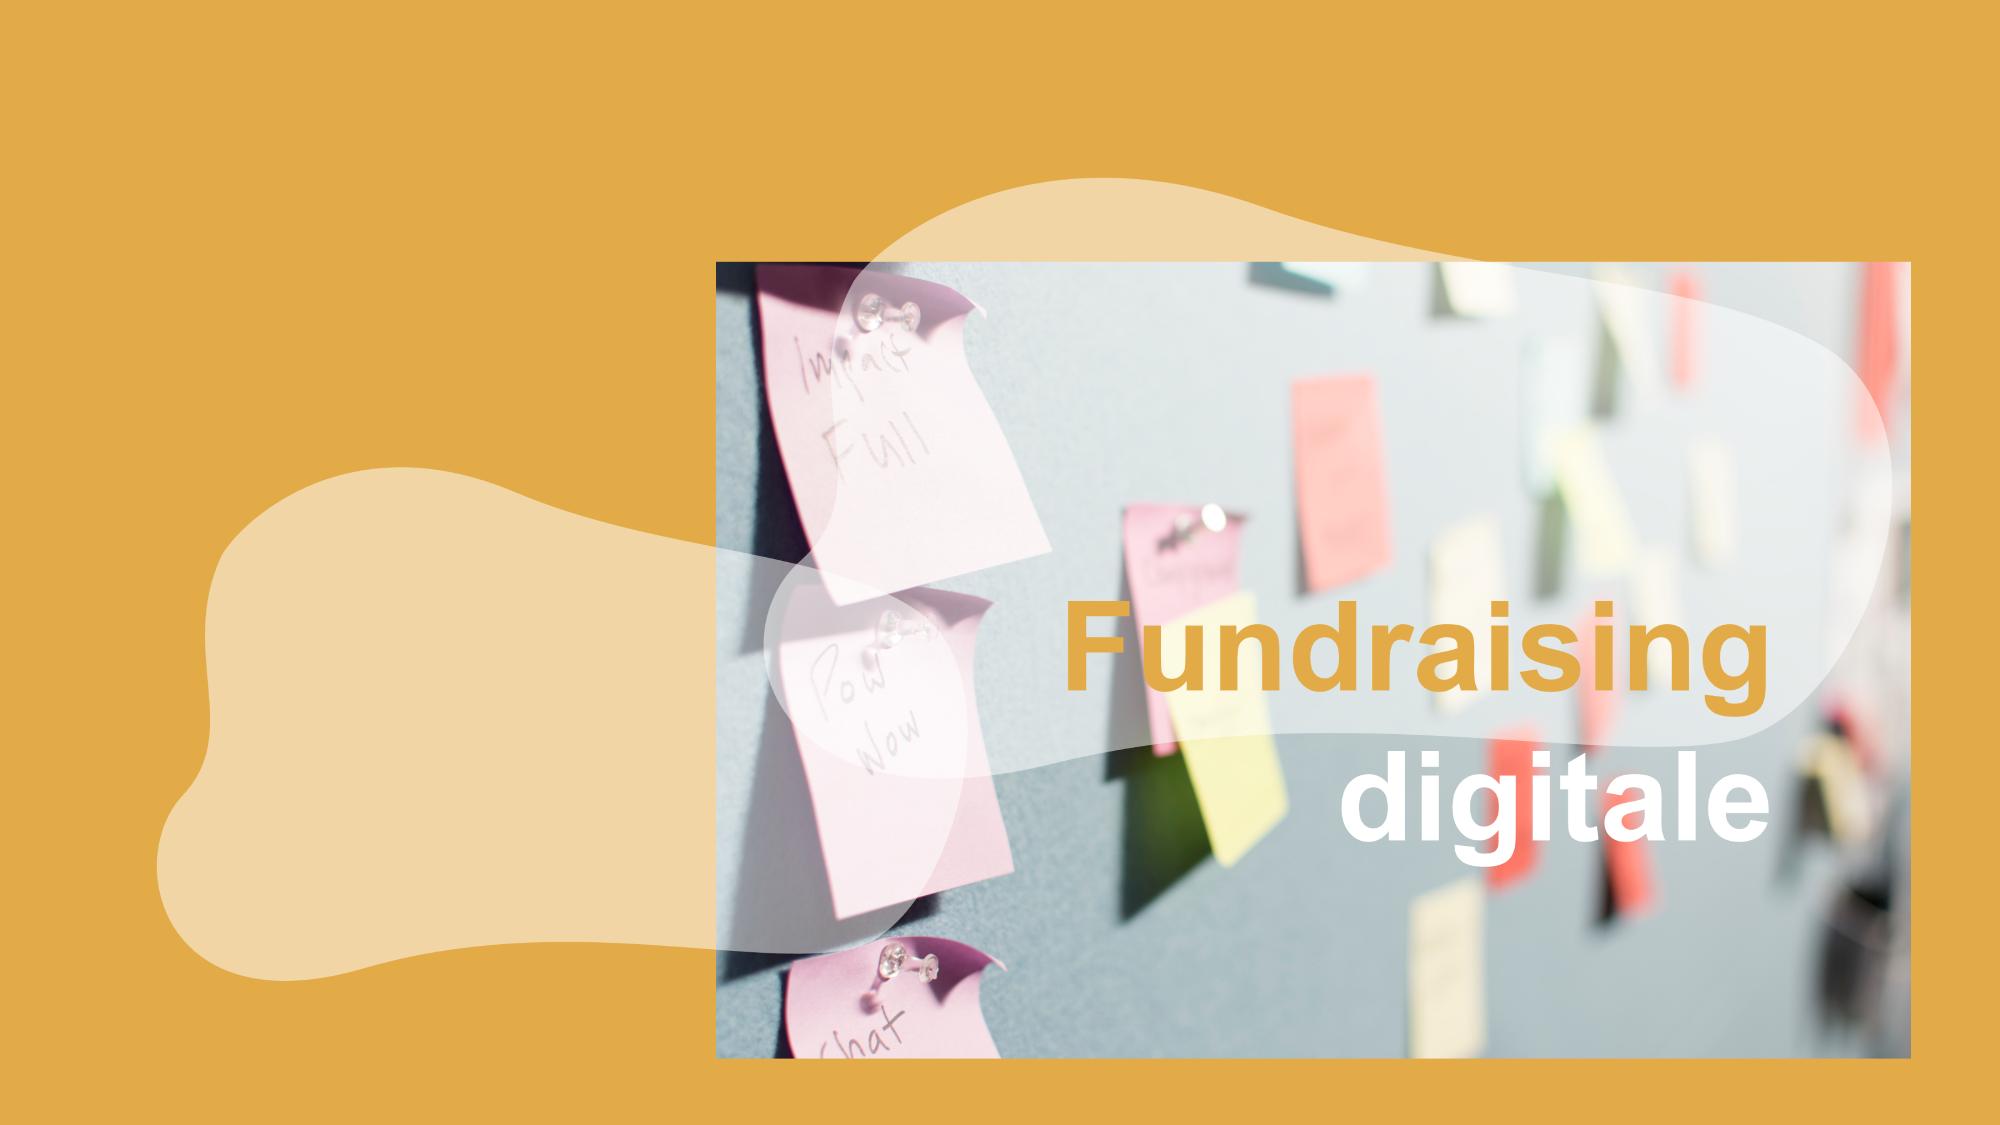 Fundraising digitale